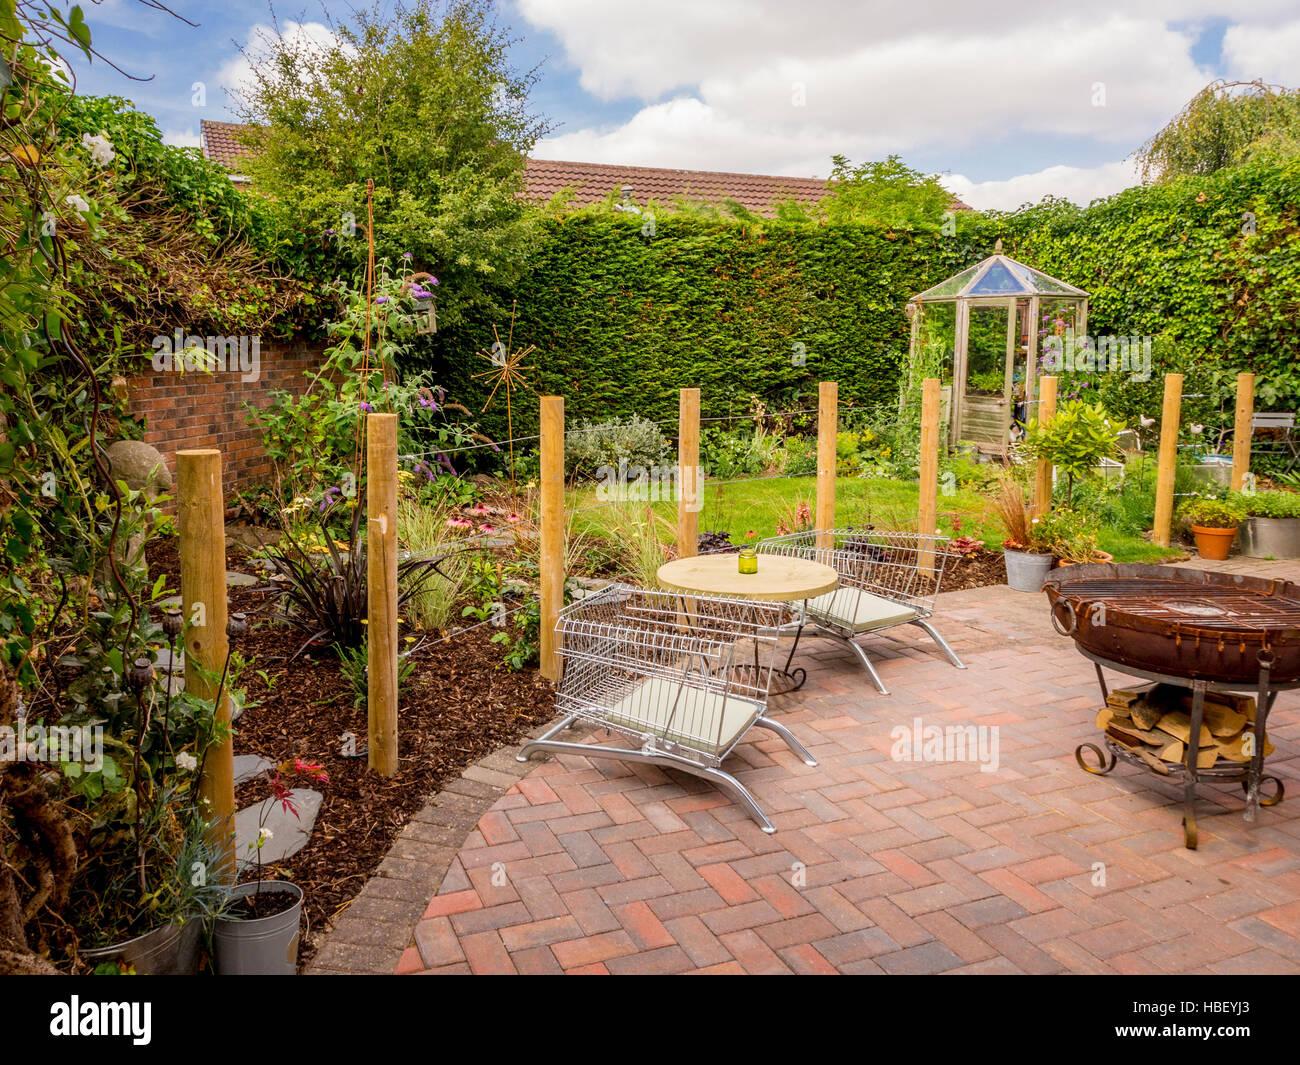 Giardini Moderni E Contemporanei : Le aree giardino diviso utilizzando i paletti di legno per creare